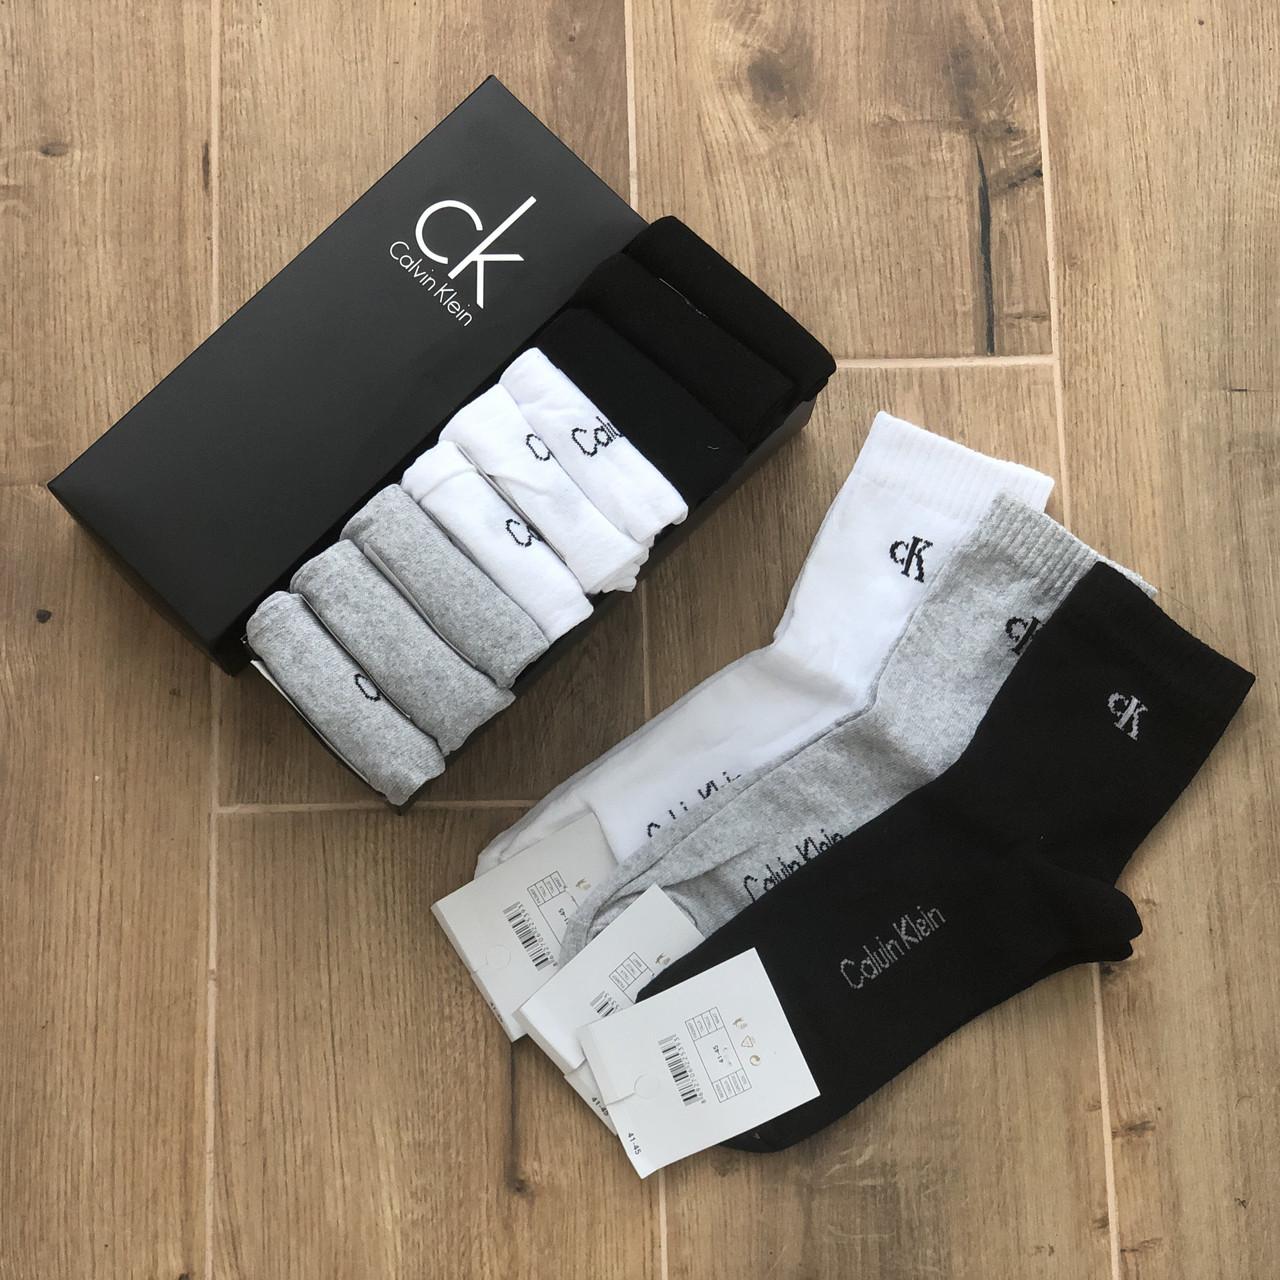 Набор средних носков, мужские Кельвин 9 пар в подарочной упаковке!